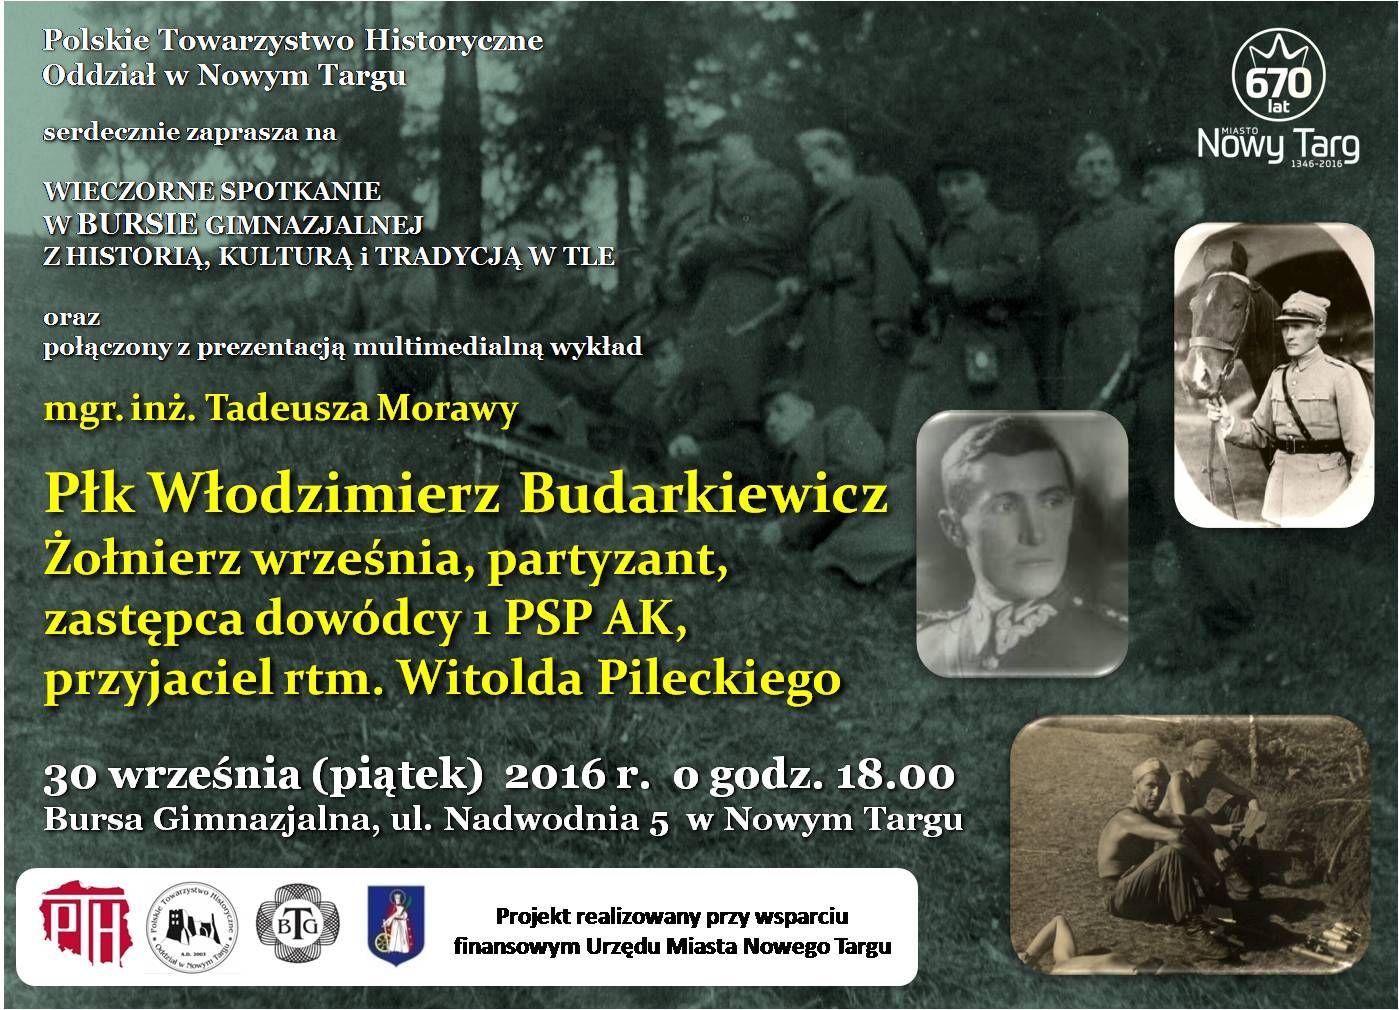 Plakat przesłany przez Organizatora (Polskie Towarzystwo Historyczne Oddział w Nowym Targu)